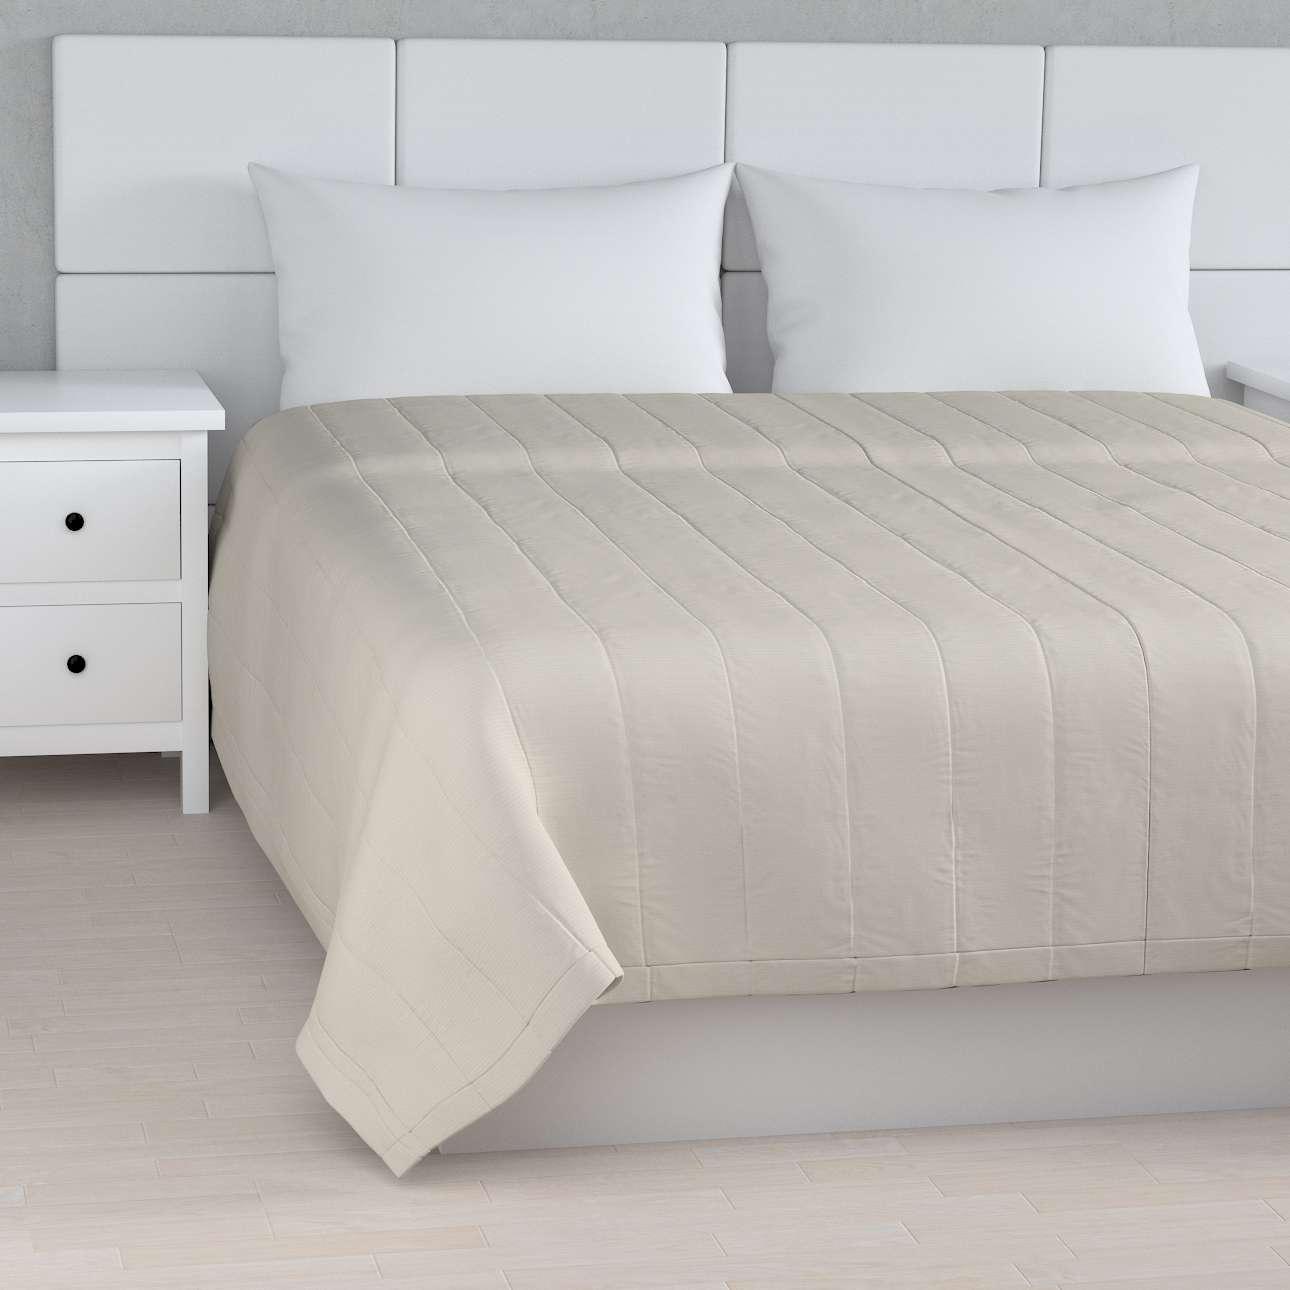 Lovatiesės (vertikaliai dygsniuotos) kolekcijoje Cotton Panama, audinys: 702-31